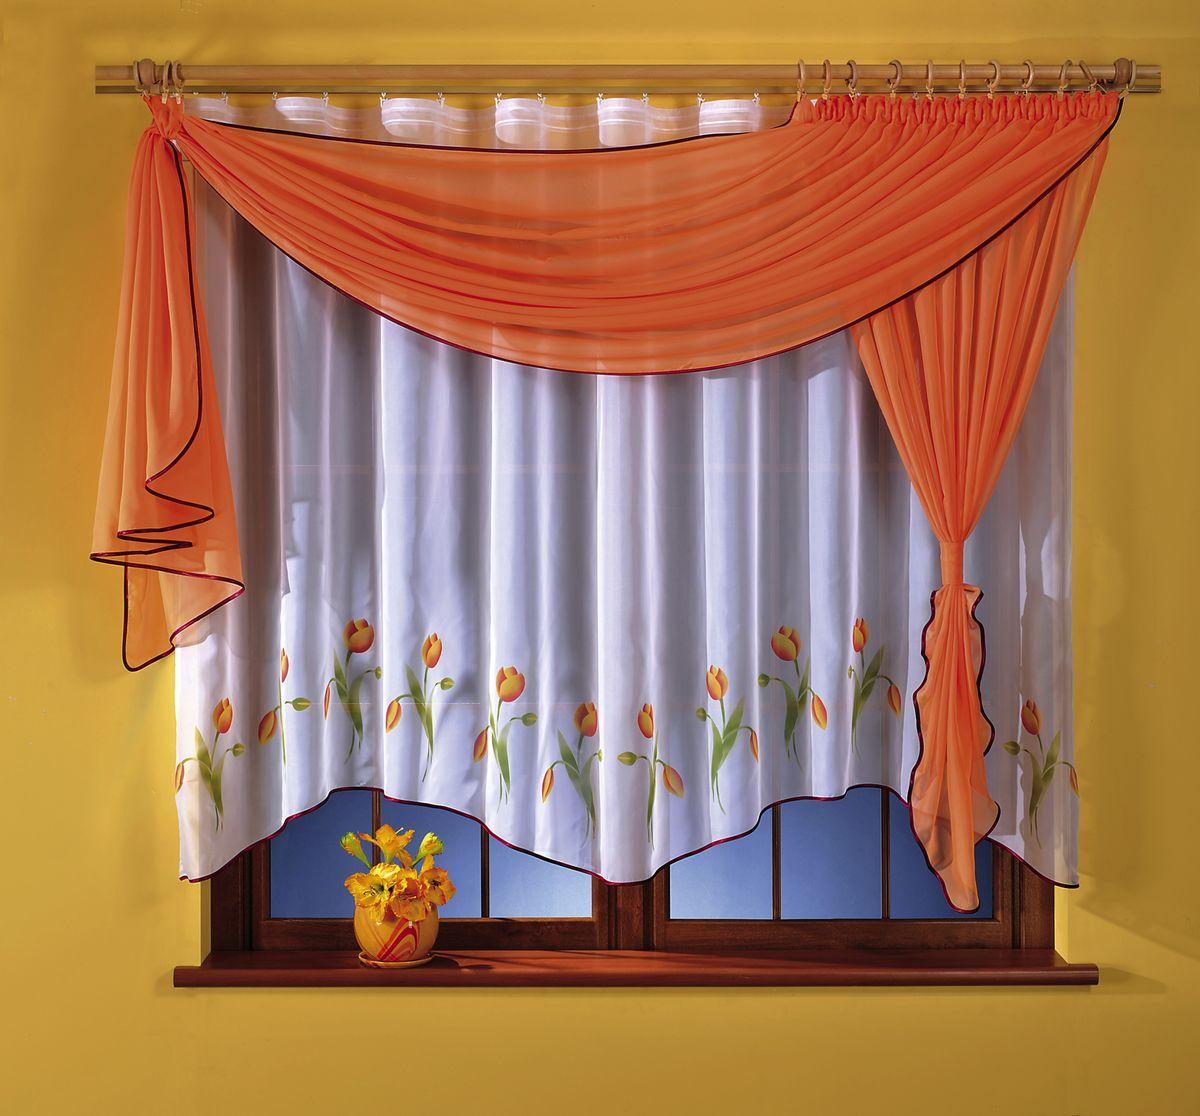 Комплект штор для кухни Wisan Marzenka, на ленте, цвет: белый, оранжевый, высота 180 смPANTERA SPX-2RSКомплект штор для кухни Wisan Marzenka выполненный из полиэстера, великолепно украсит любое окно. В комплект входят тюль, ламбрекен и 2 подвяза.Оригинальный и яркий дизайн придают комплекту особый стиль и шарм. Качественный материал, нежная цветовая гамма и роскошное исполнение - все это делает шторы Wisan Marzenka замечательным дополнением интерьера помещения.Комплект оснащен шторной лентой для красивой сборки. В комплект входит: Тюль - 1 шт. Размер (ШхВ): 160 см х 170 см. Ламбрекен - 1 шт. Размер (ШхВ): 50 см х 180 см. Подвяз - 2 шт.Фирма Wisan на польском рынке существует уже более пятидесяти лет и является одной из лучших польских фабрик по производству штор и тканей. Ассортимент фирмы представлен готовыми комплектами штор для гостиной, детской, кухни, а также текстилем для кухни (скатерти, салфетки, дорожки, кухонные занавески). Модельный ряд отличает оригинальный дизайн, высокое качество. Ассортимент продукции постоянно пополняется.